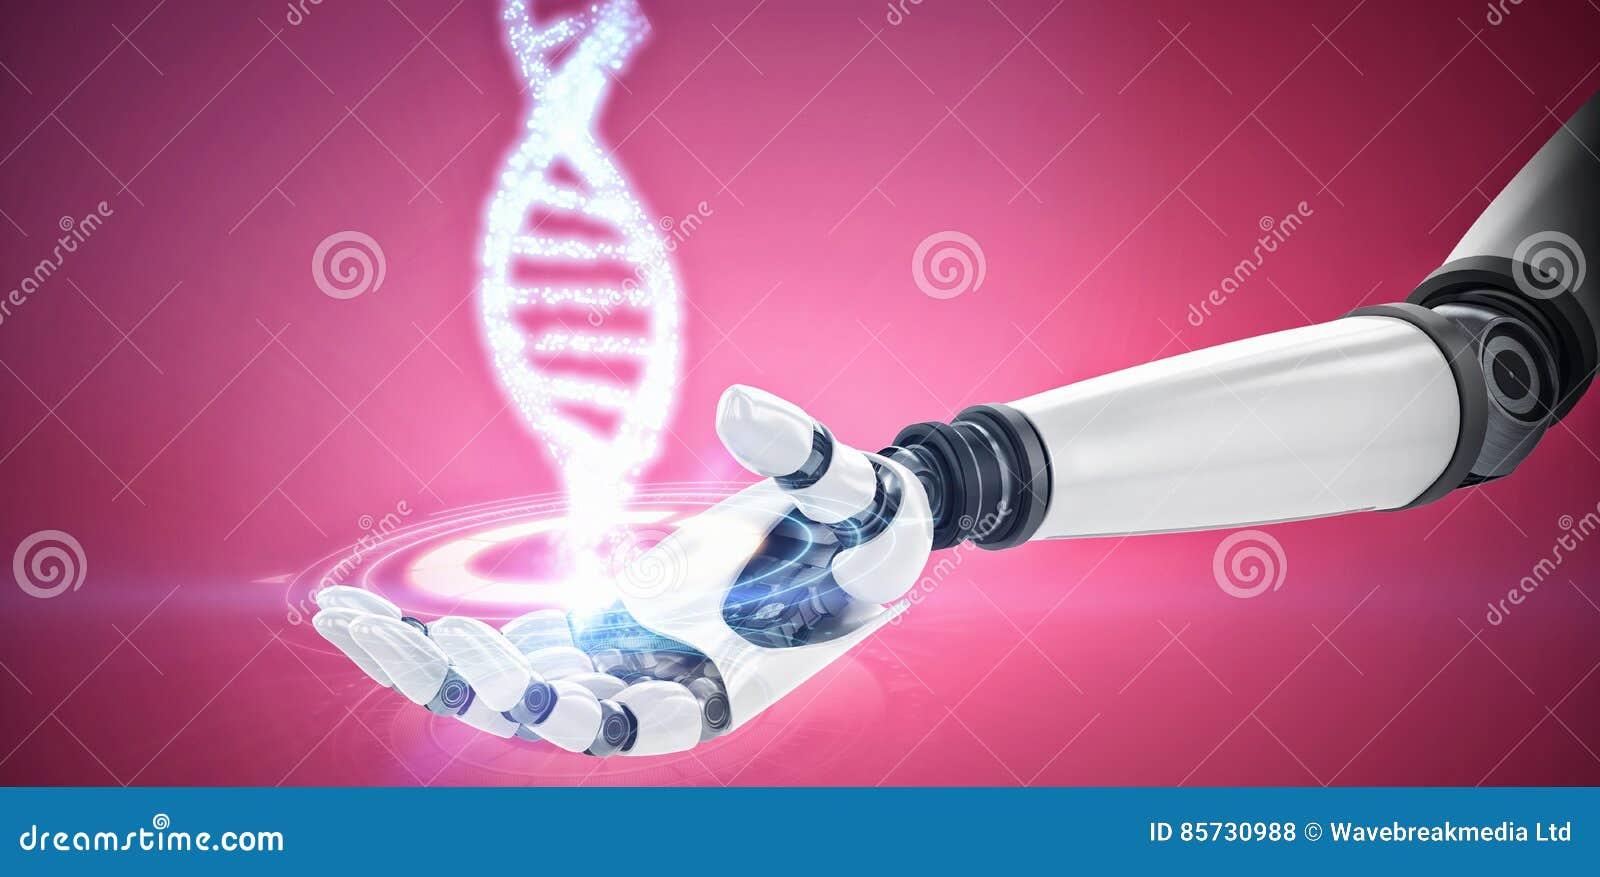 Samengesteld beeld van digitaal beeld van robotachtige hand